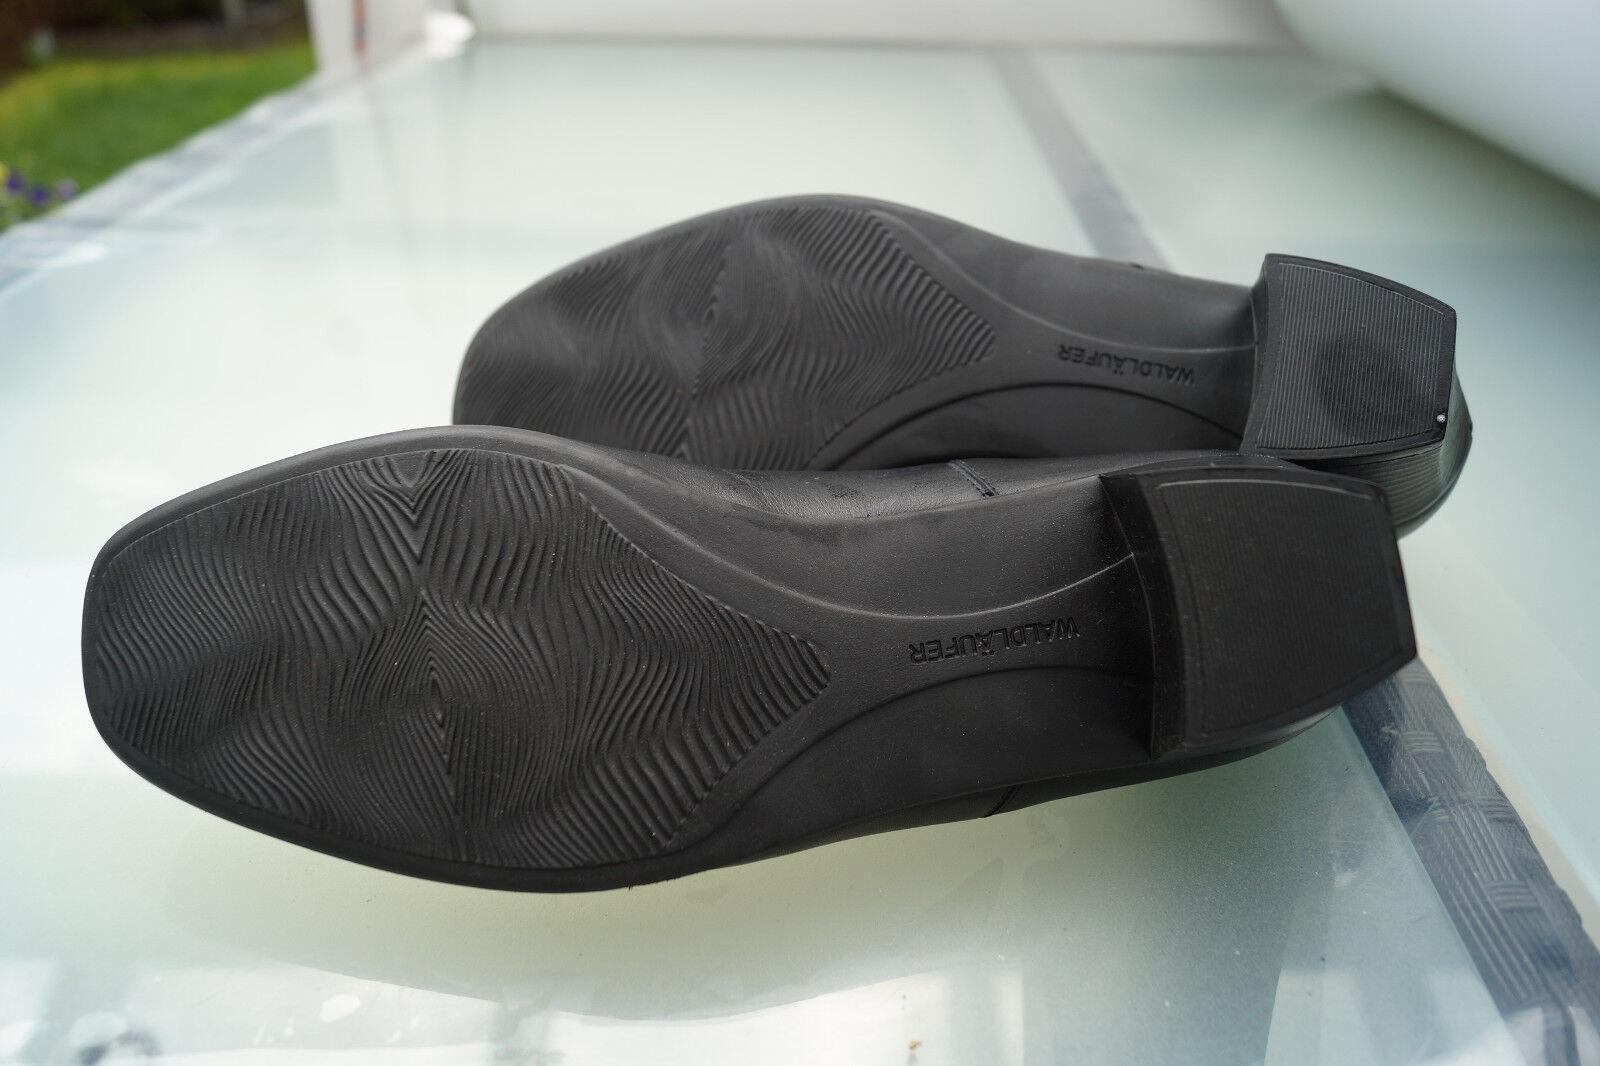 WALDLÄUFER Damen Leder Comfort Schuhe Slipper Pumps Leder Damen Einlagen Gr.7 H 41 NEU +2 5a87ff